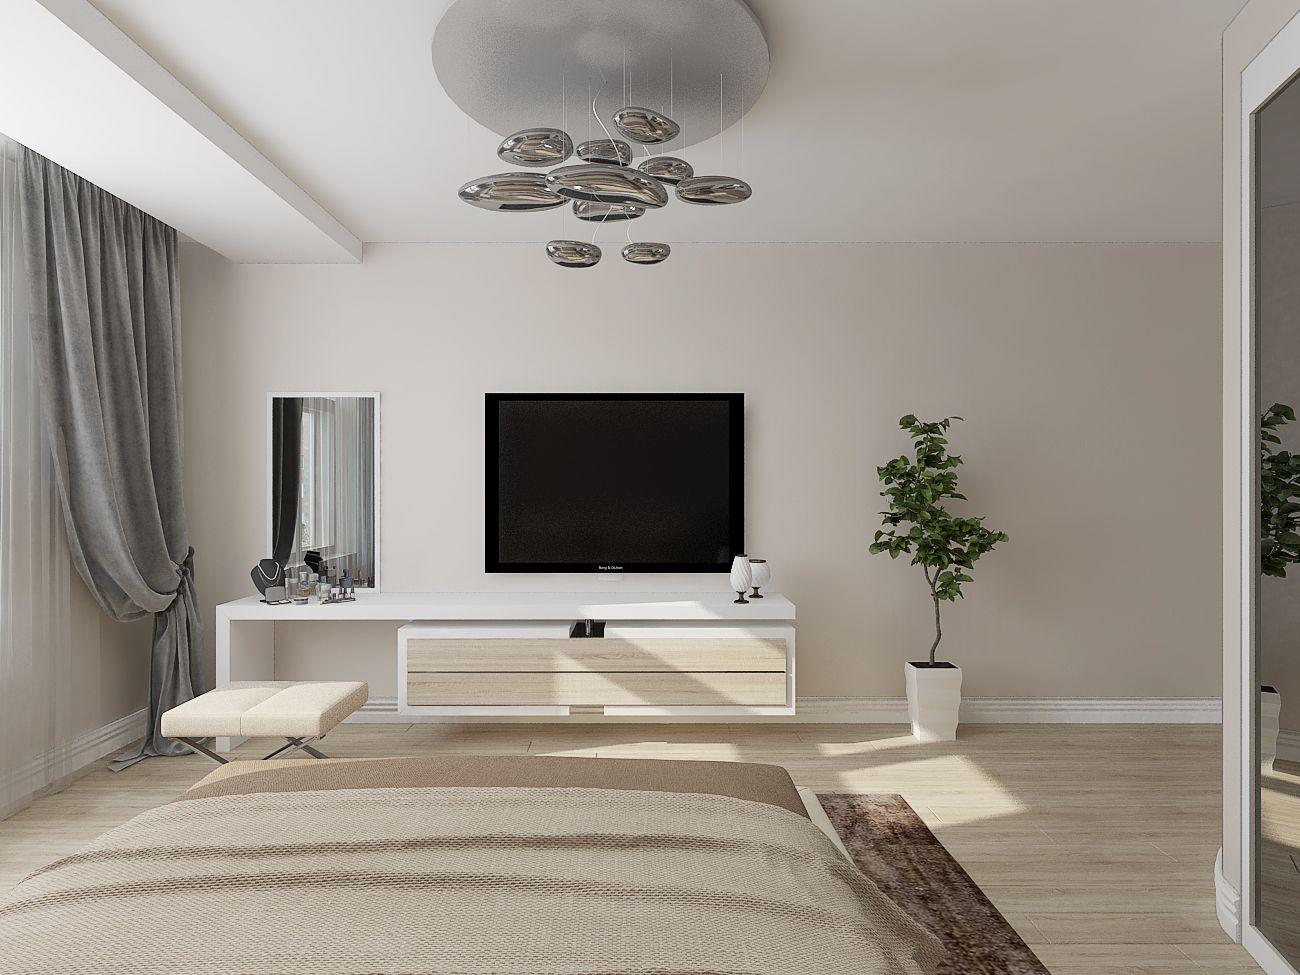 оформление стены с телевизором в спальне фото модели